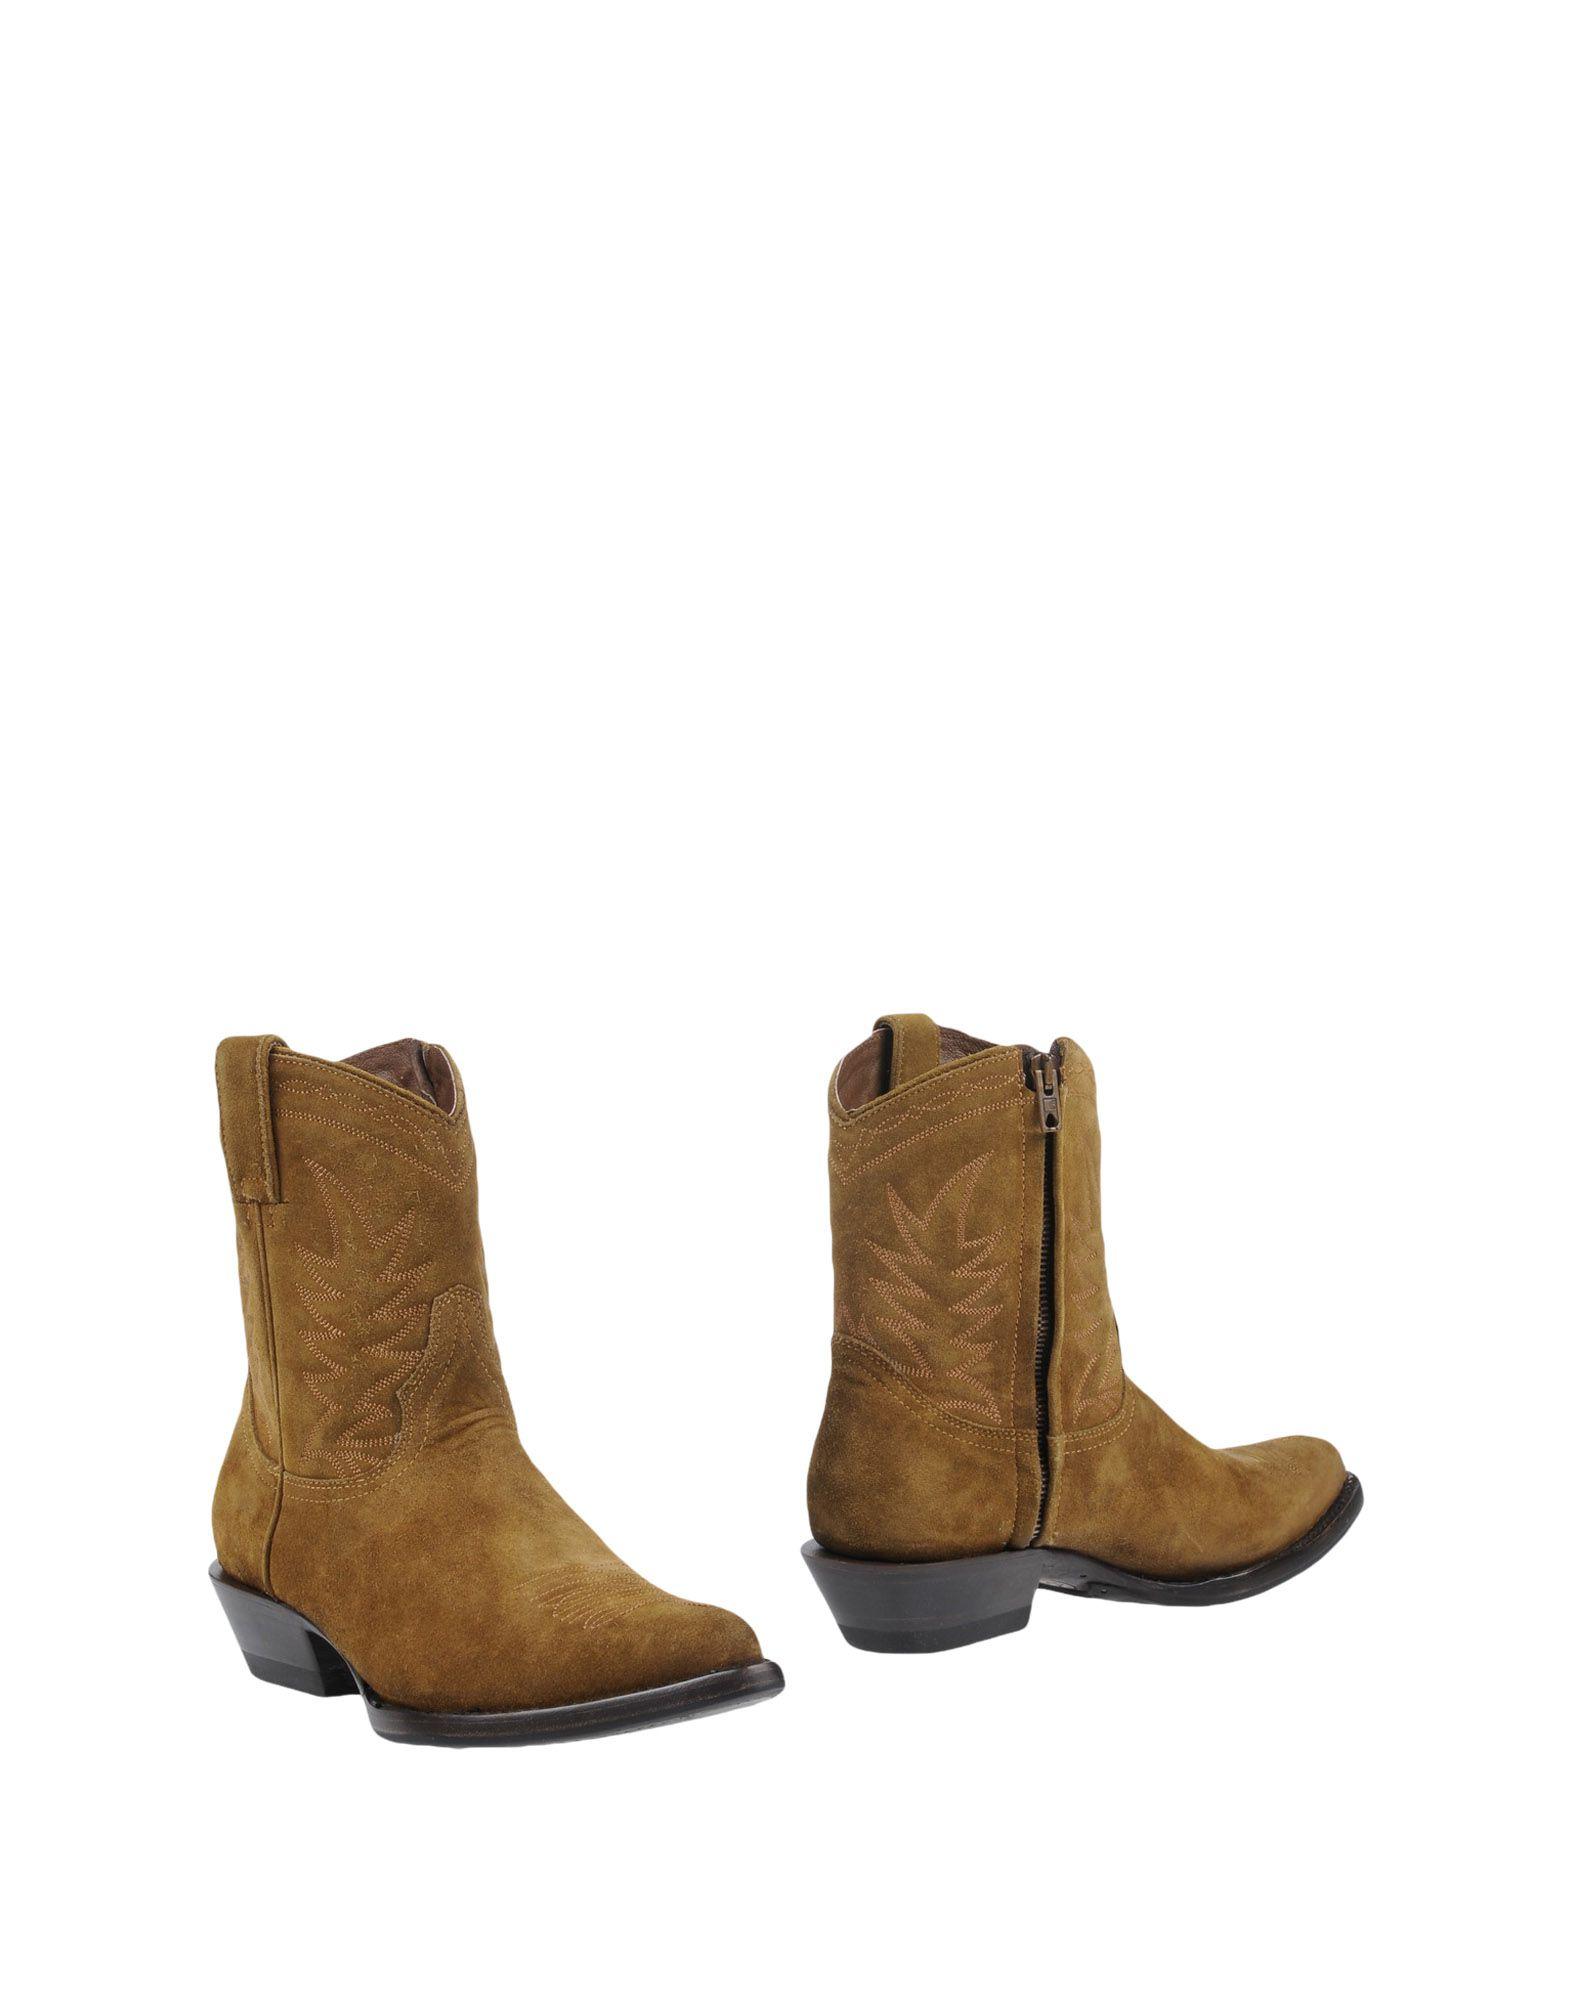 11442818CP Ash Stiefelette Damen  11442818CP  Heiße Schuhe a7e885